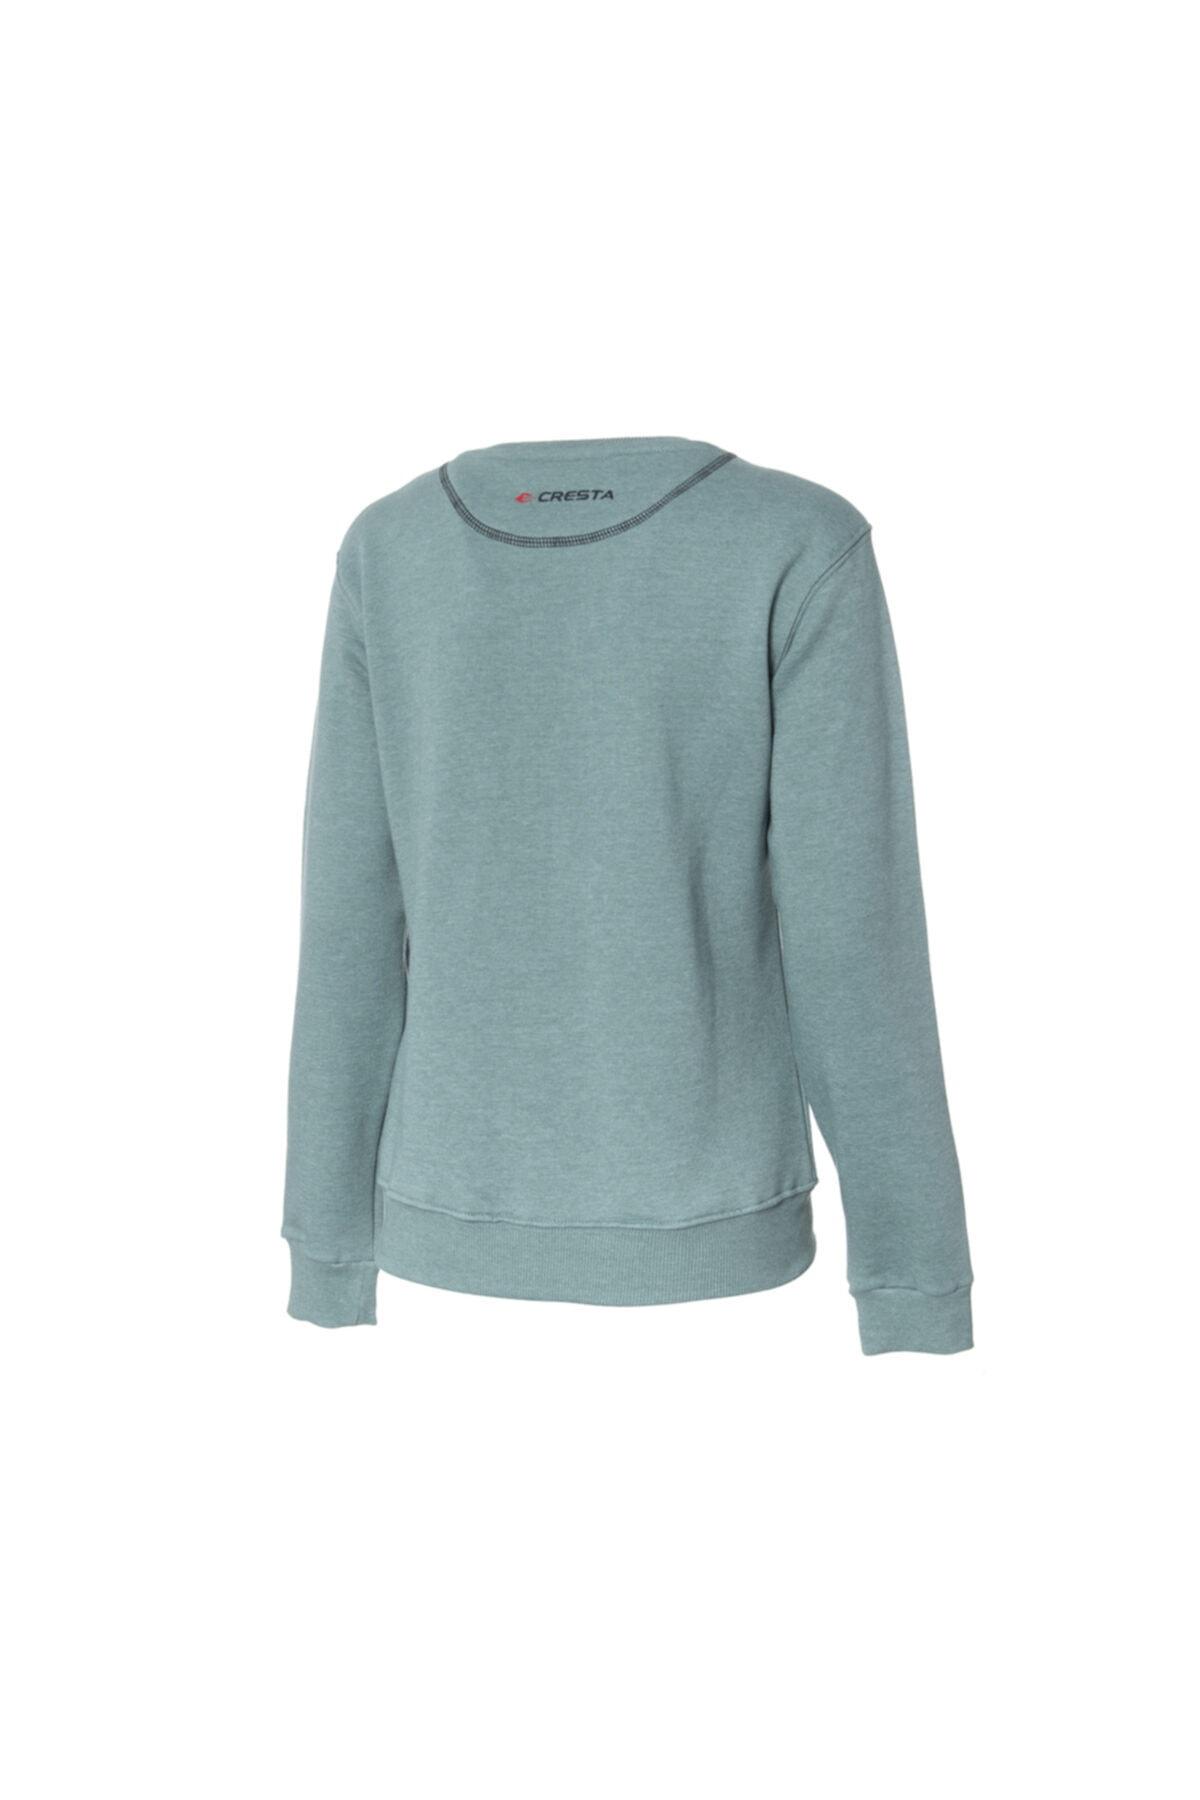 Cresta Kadın Yeşil Basic Outdoor Sweatshirt 2